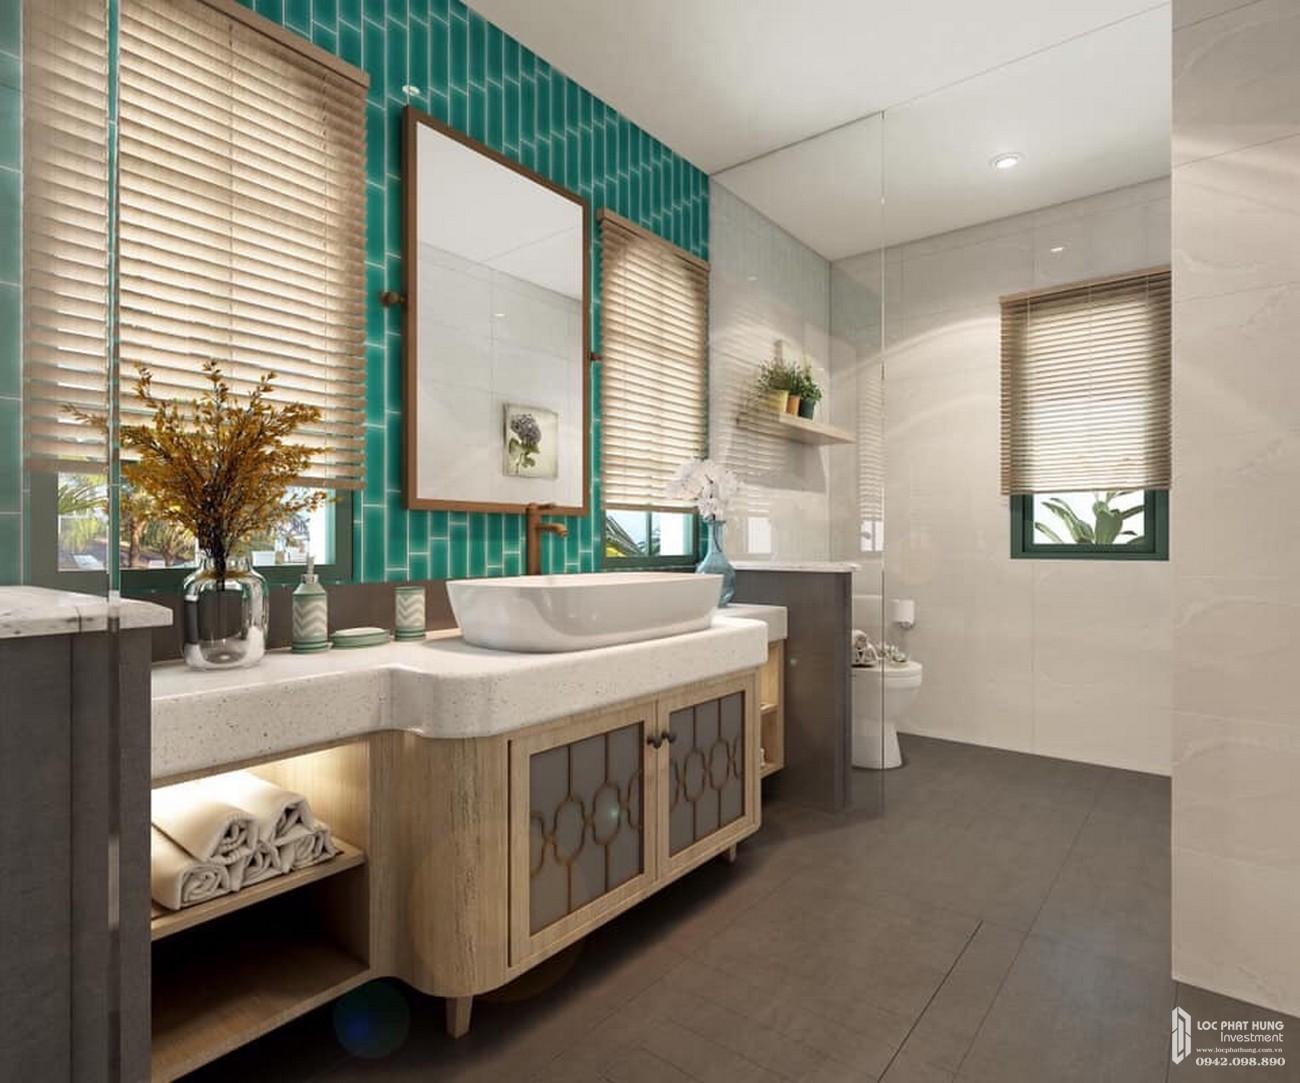 Nhà vệ sinh đầy đủ tiện nghi của phong cách Địa Trung Hải nhà phát triển Novaland